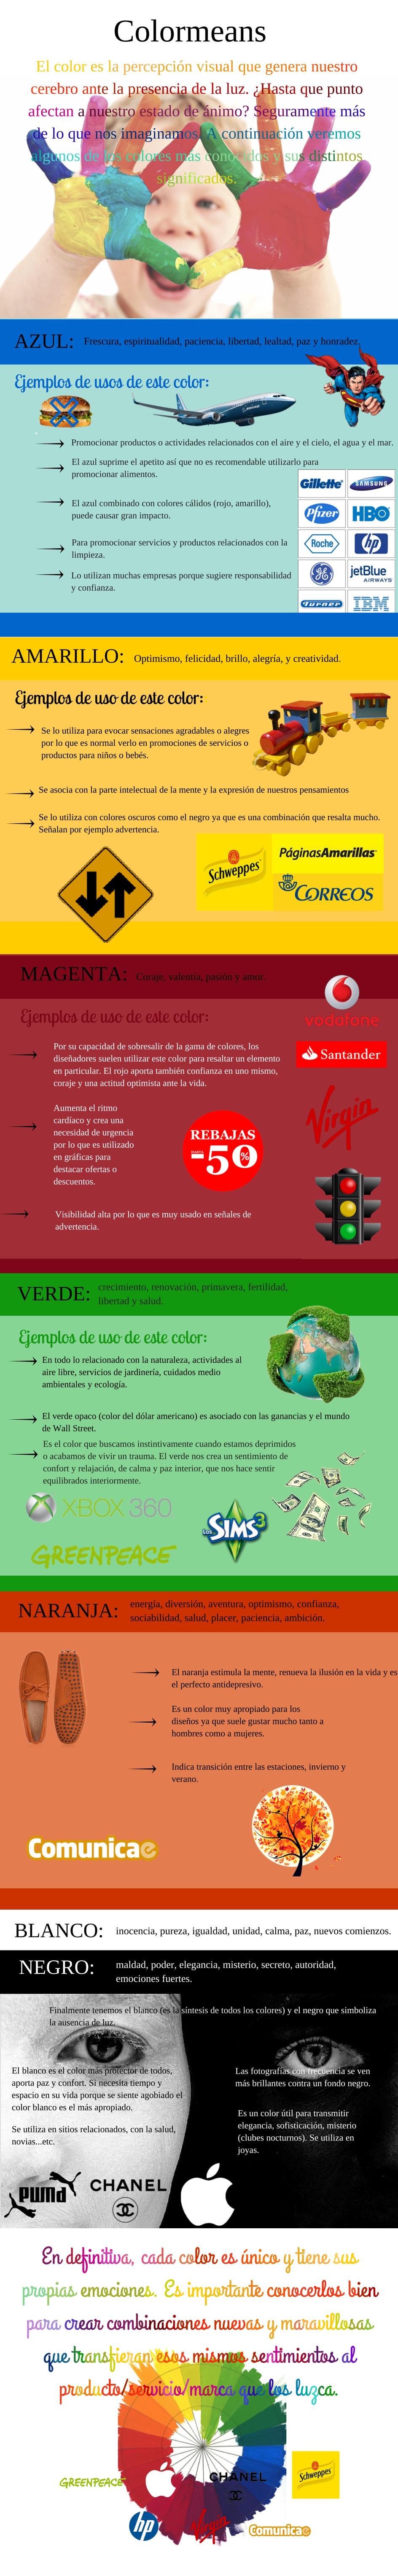 infografia colores